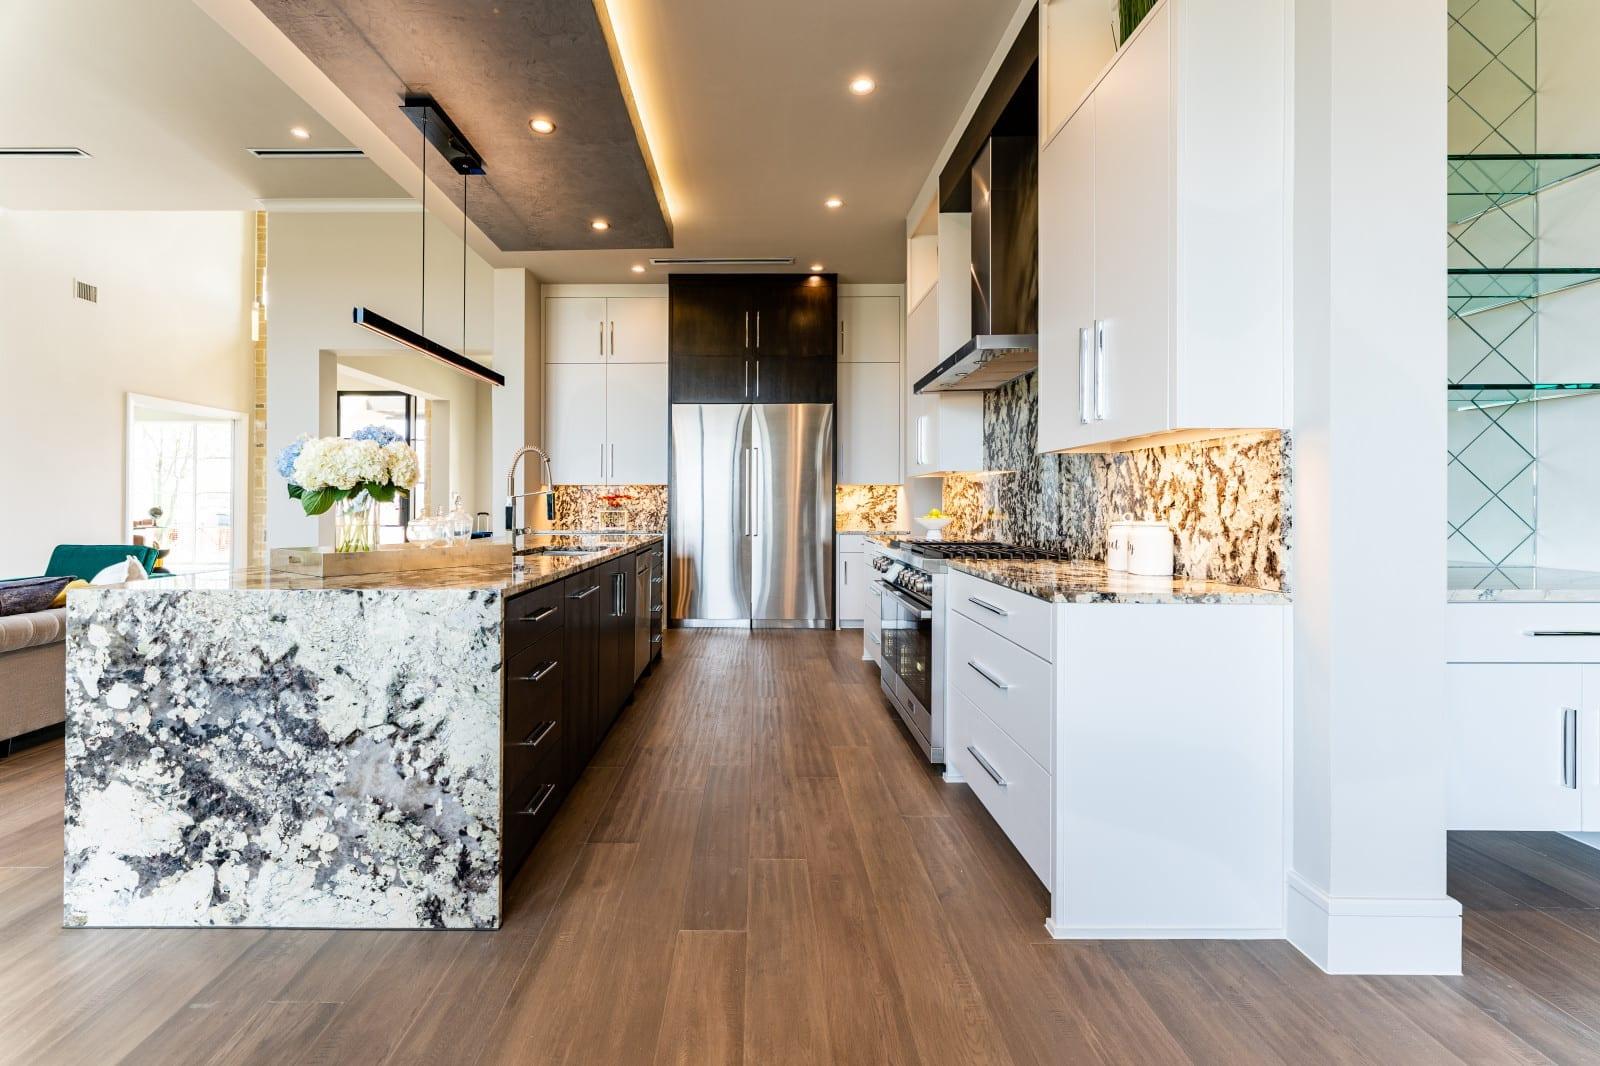 modern home design 13 - Millennial Design + Build